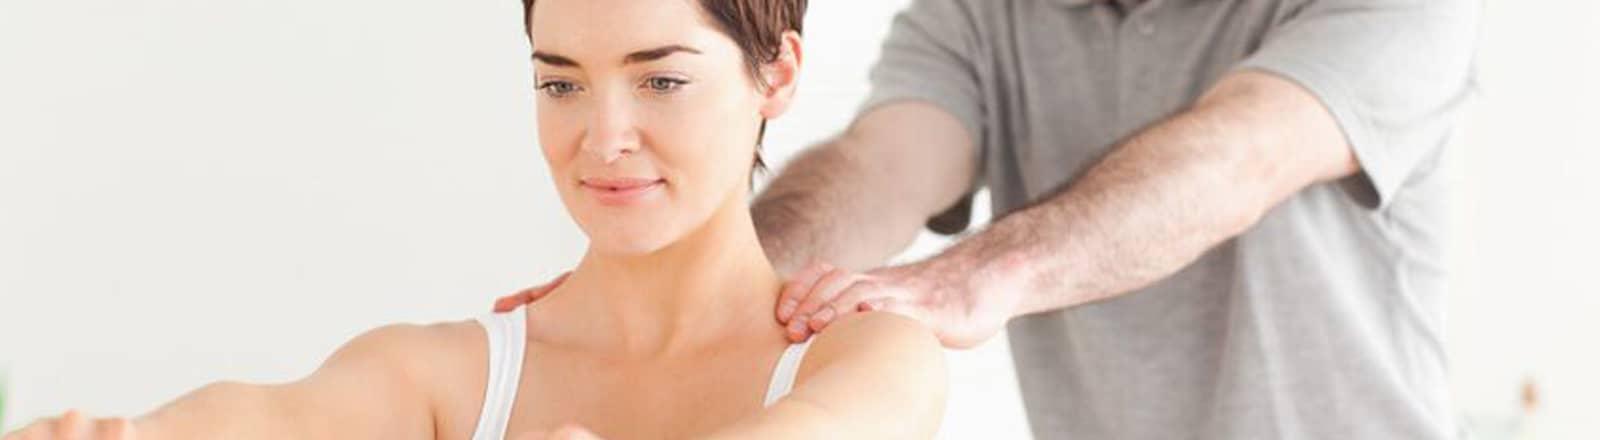 encamados fisioterapia a domicilio